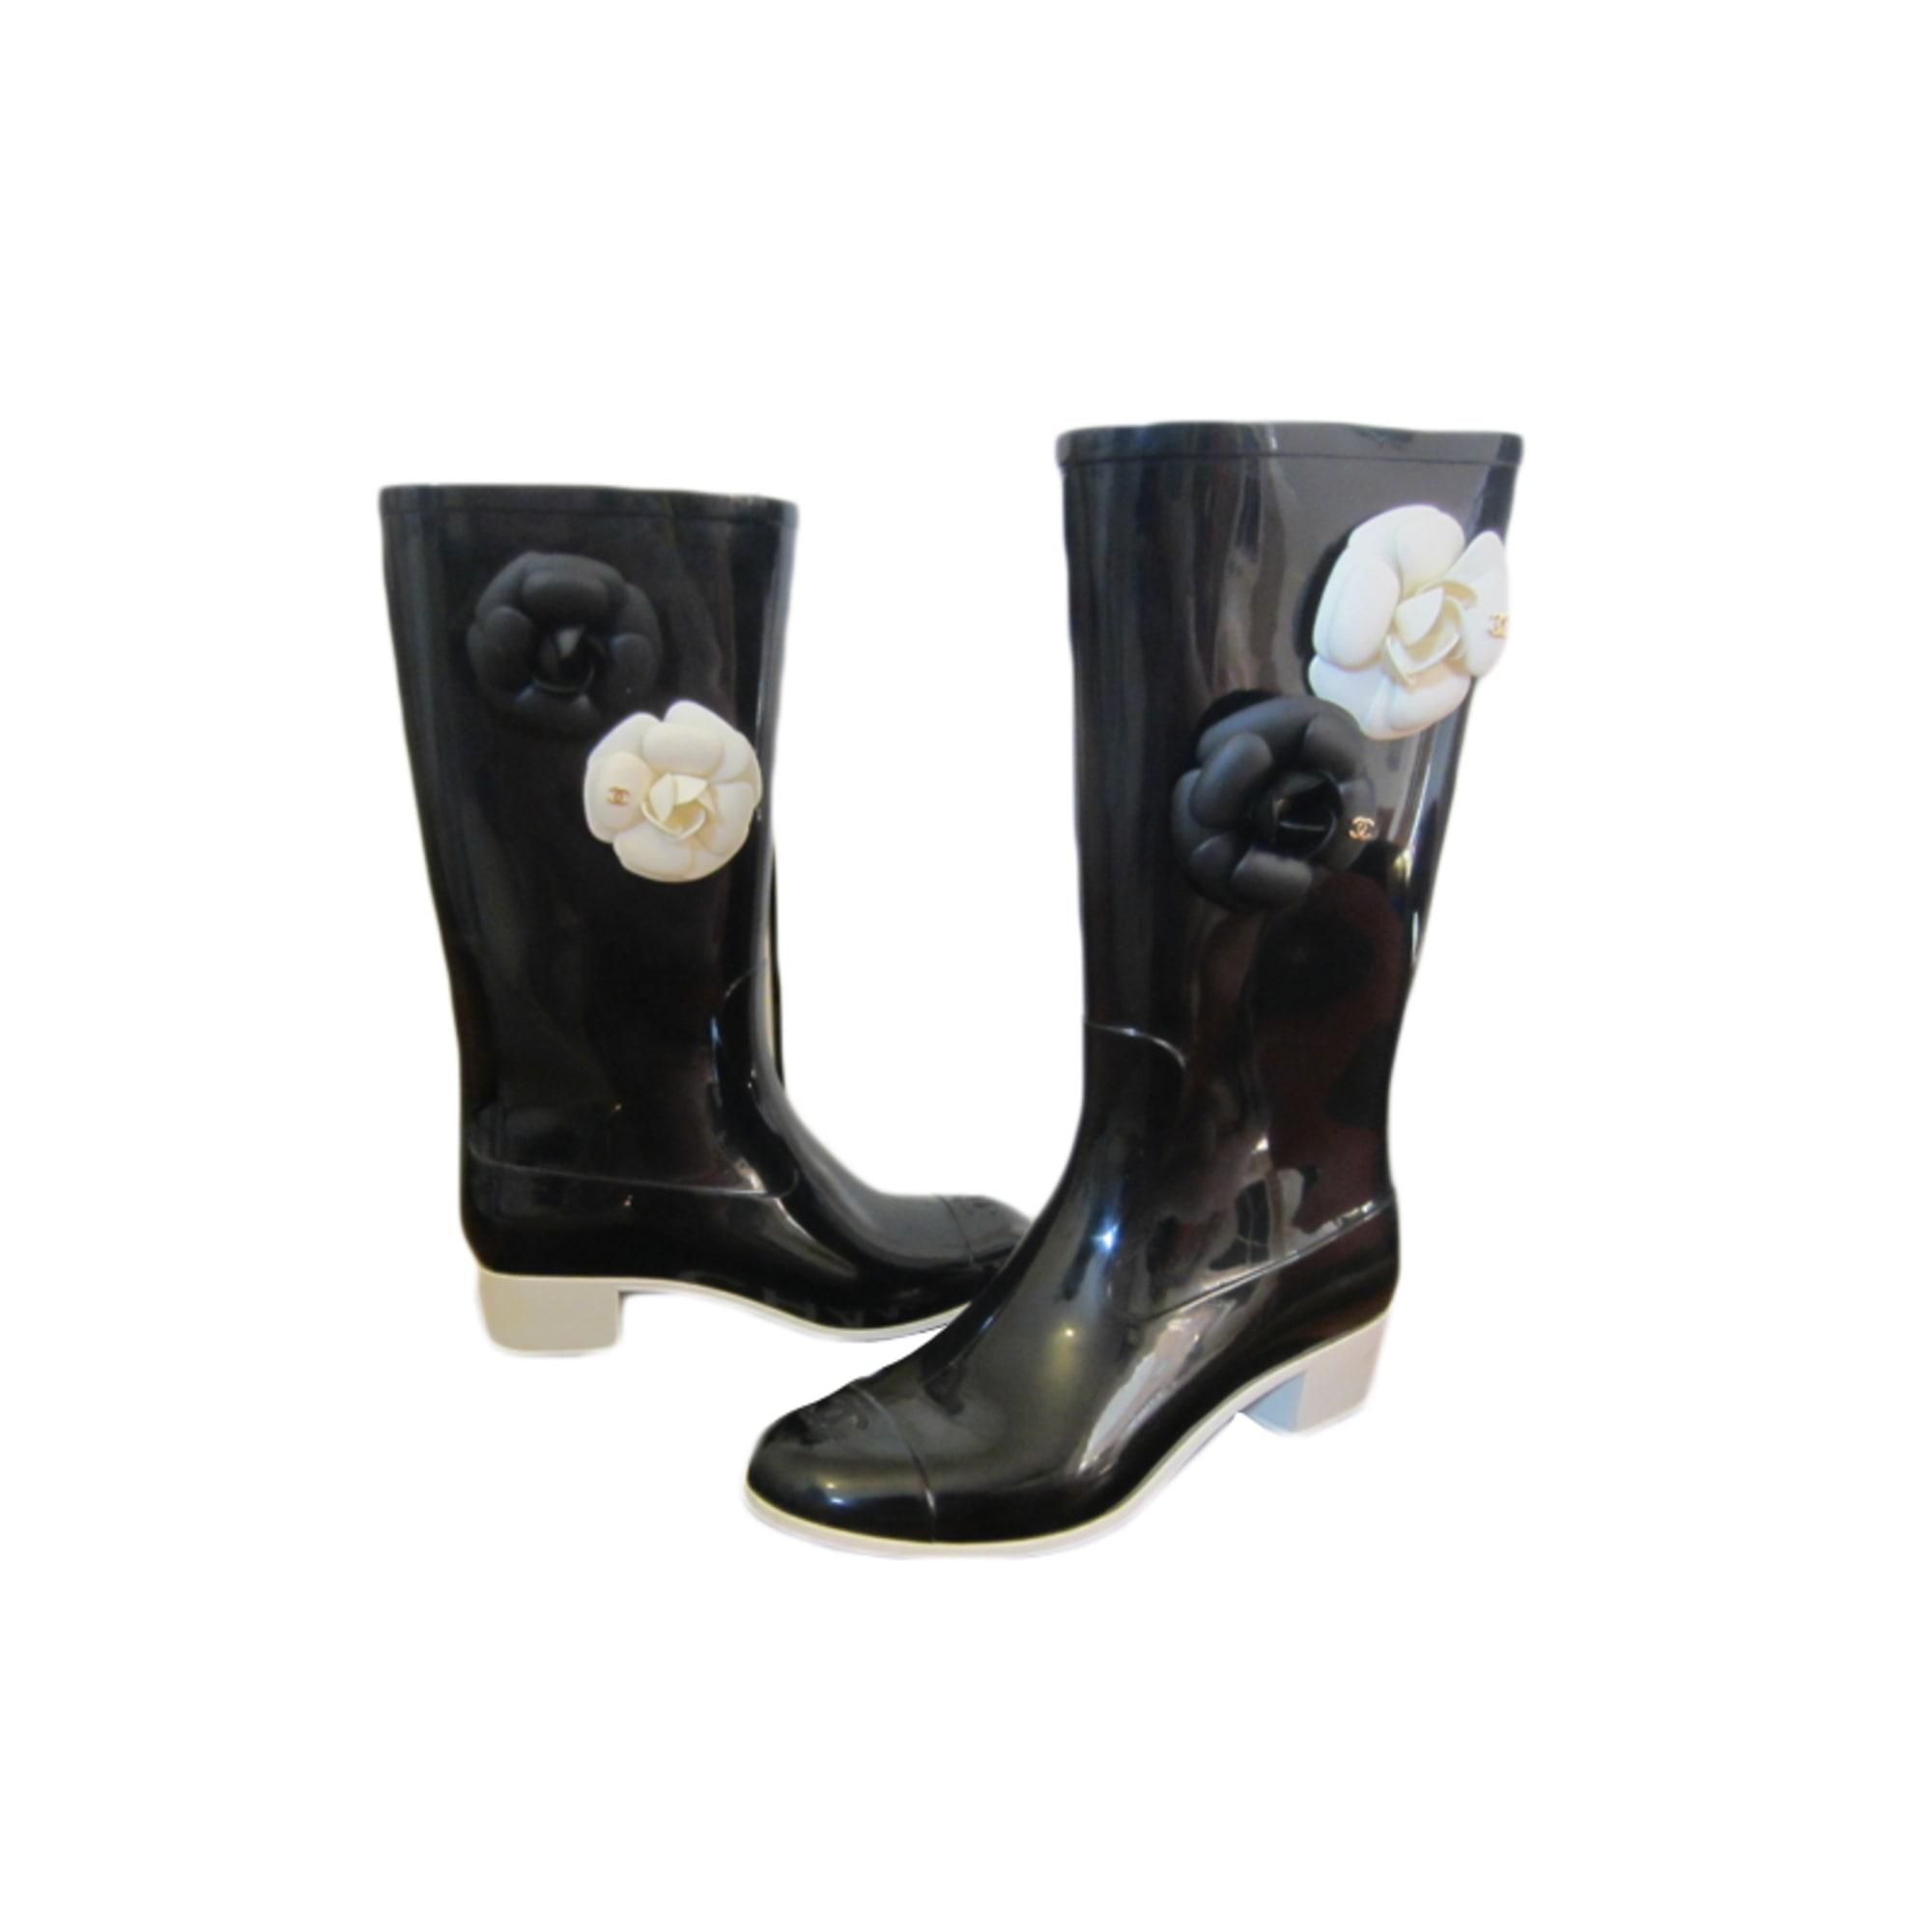 Bottes de pluie CHANEL 39 noir vendu par Andam - 3346157 000ef8847c1